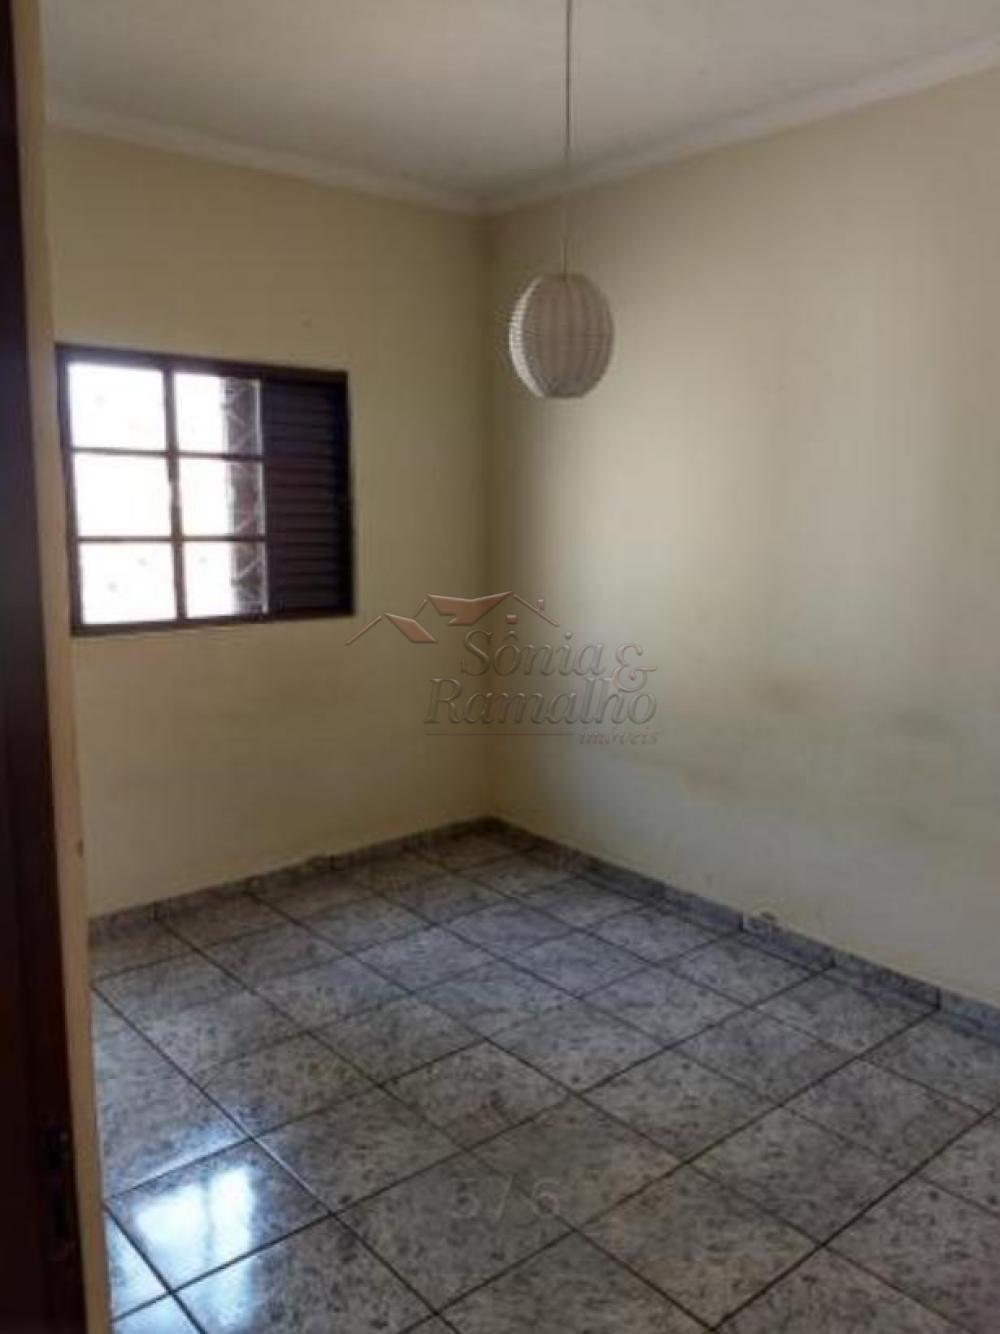 Alugar Casas / Padrão em Ribeirão Preto apenas R$ 740,00 - Foto 3